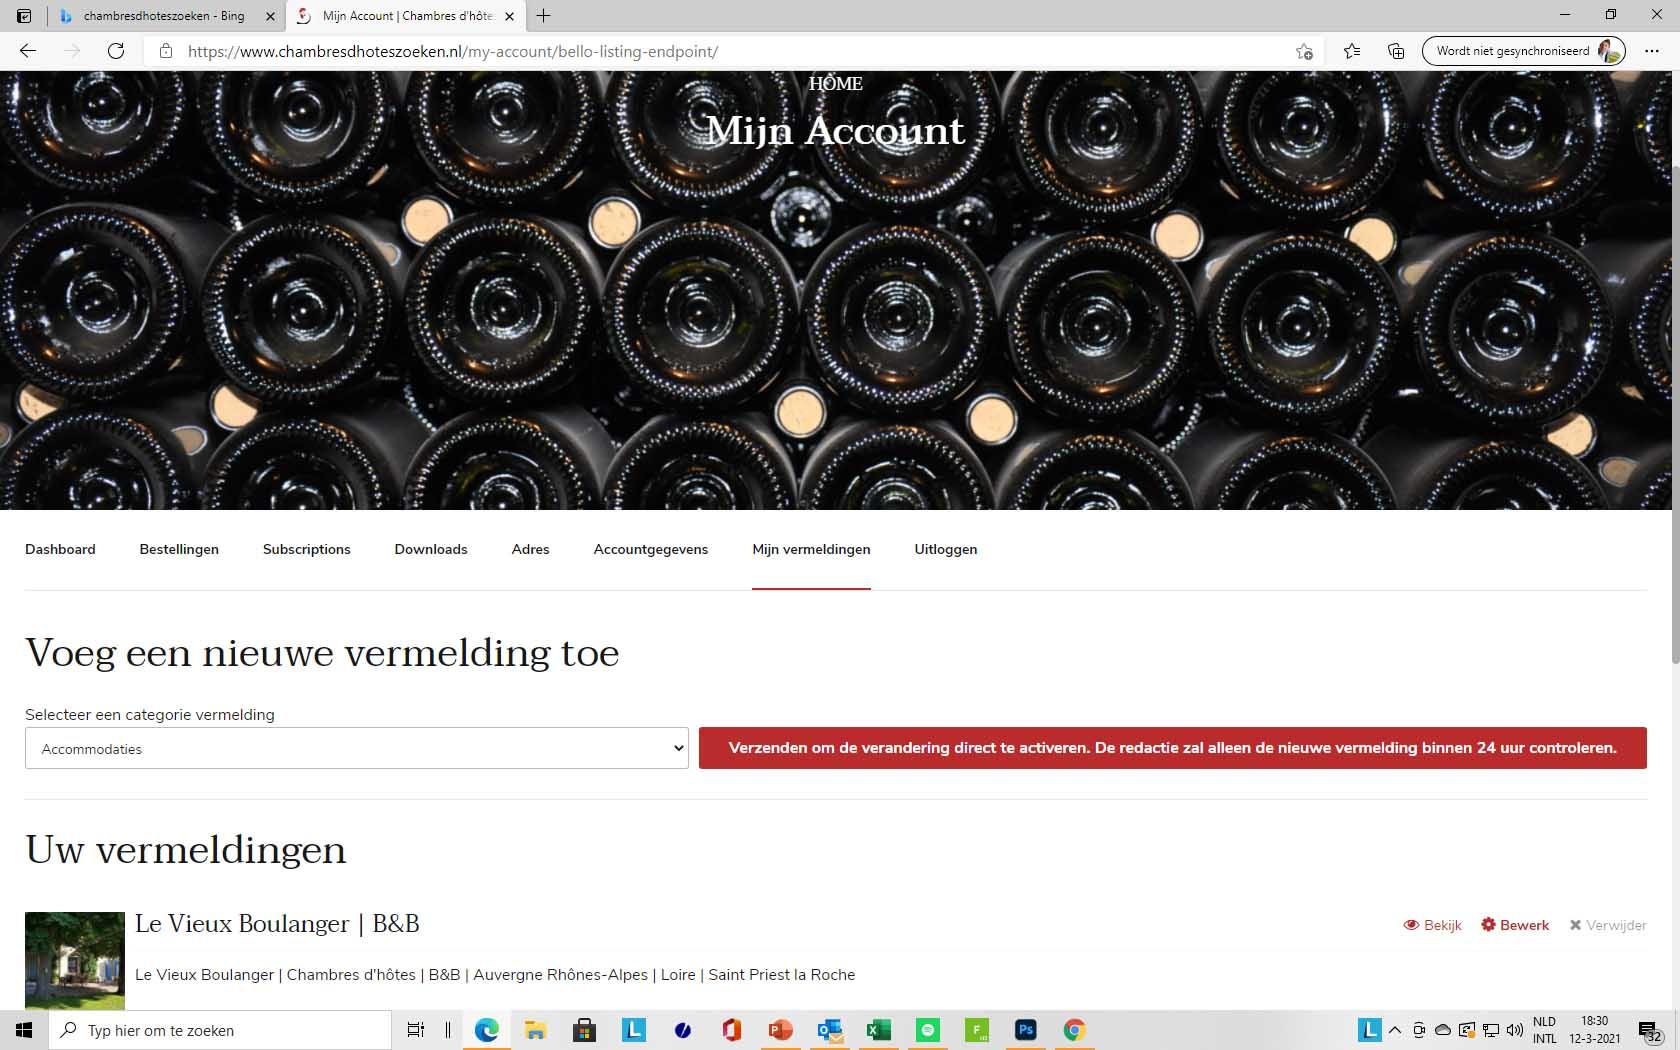 https://i0.wp.com/www.chambresdhoteszoeken.nl/wp-content/uploads/2021/03/bewerk-vermelding-1.jpg?fit=1680%2C1050&ssl=1